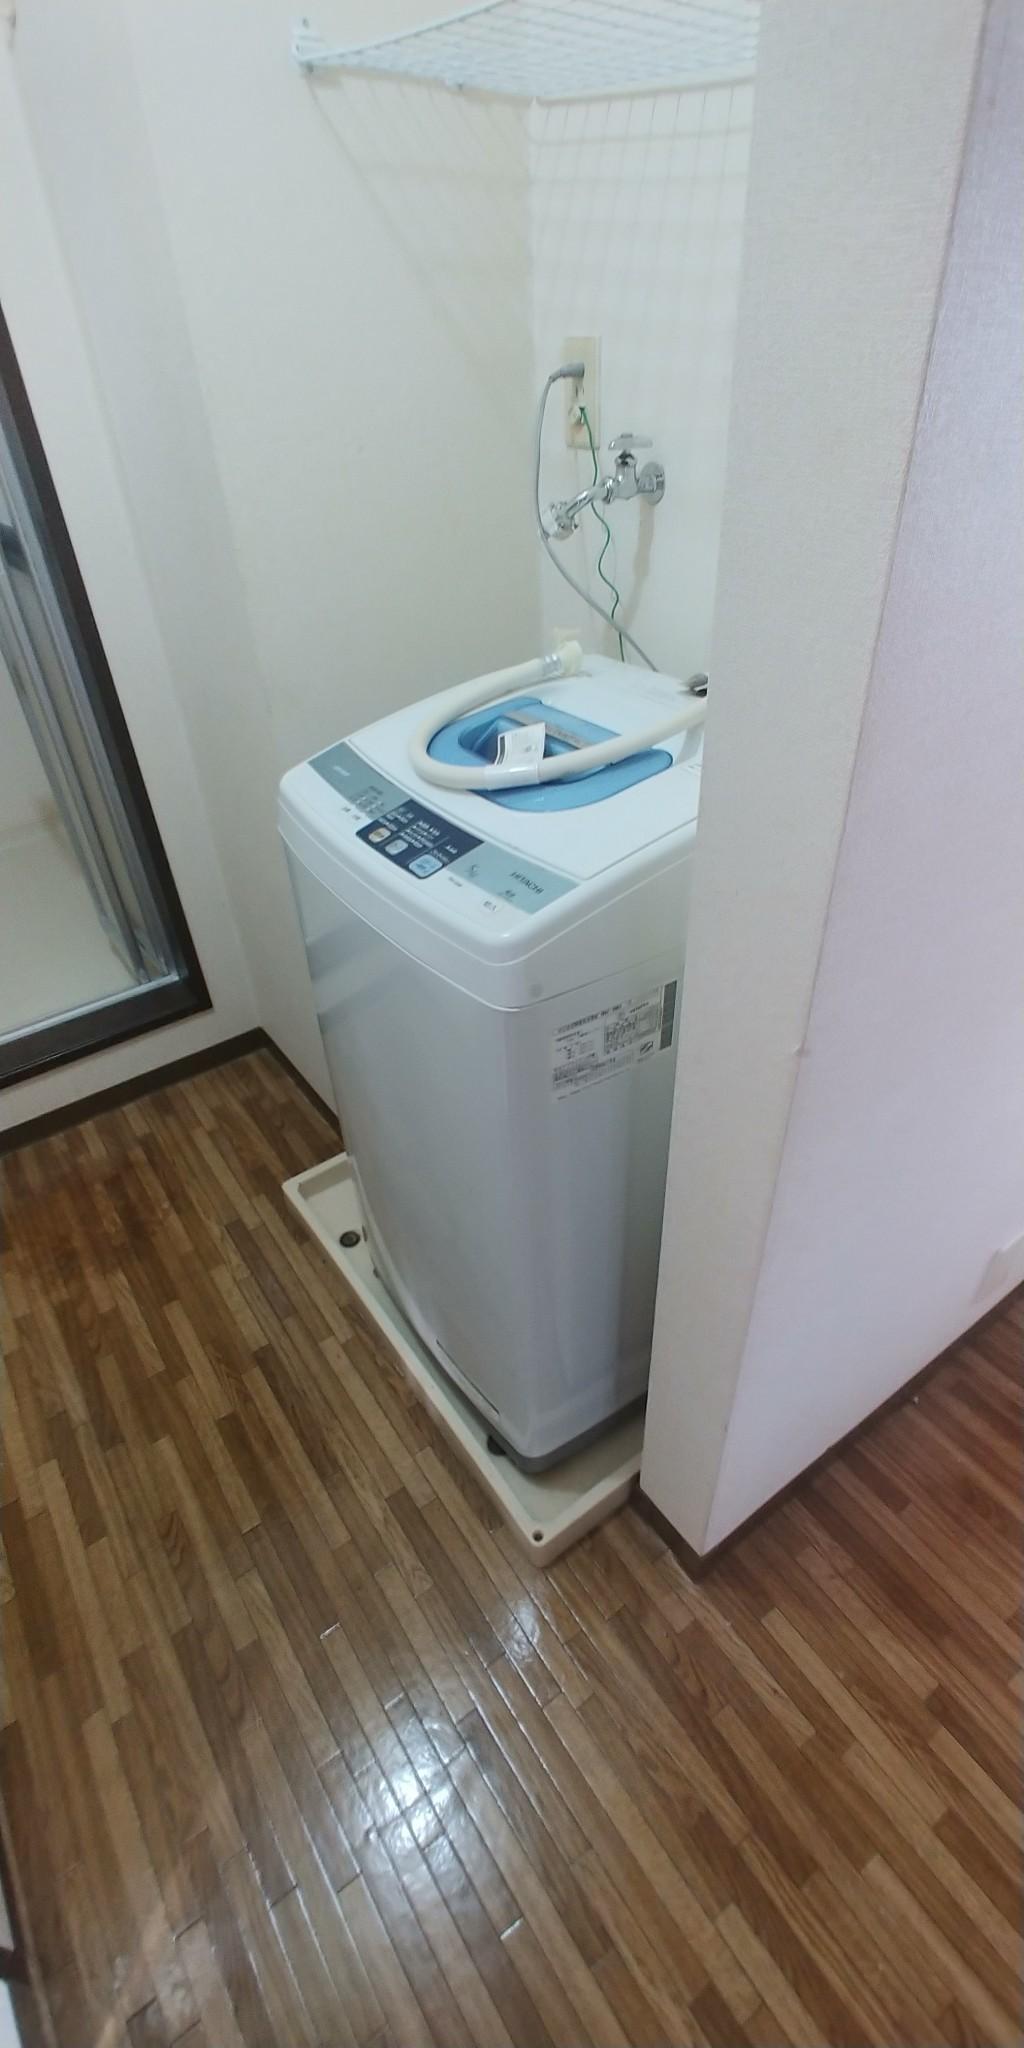 【富山市八尾町】冷蔵庫、洗濯機、こたつなどの回収☆即日回収の迅速さにご満足いただけました!